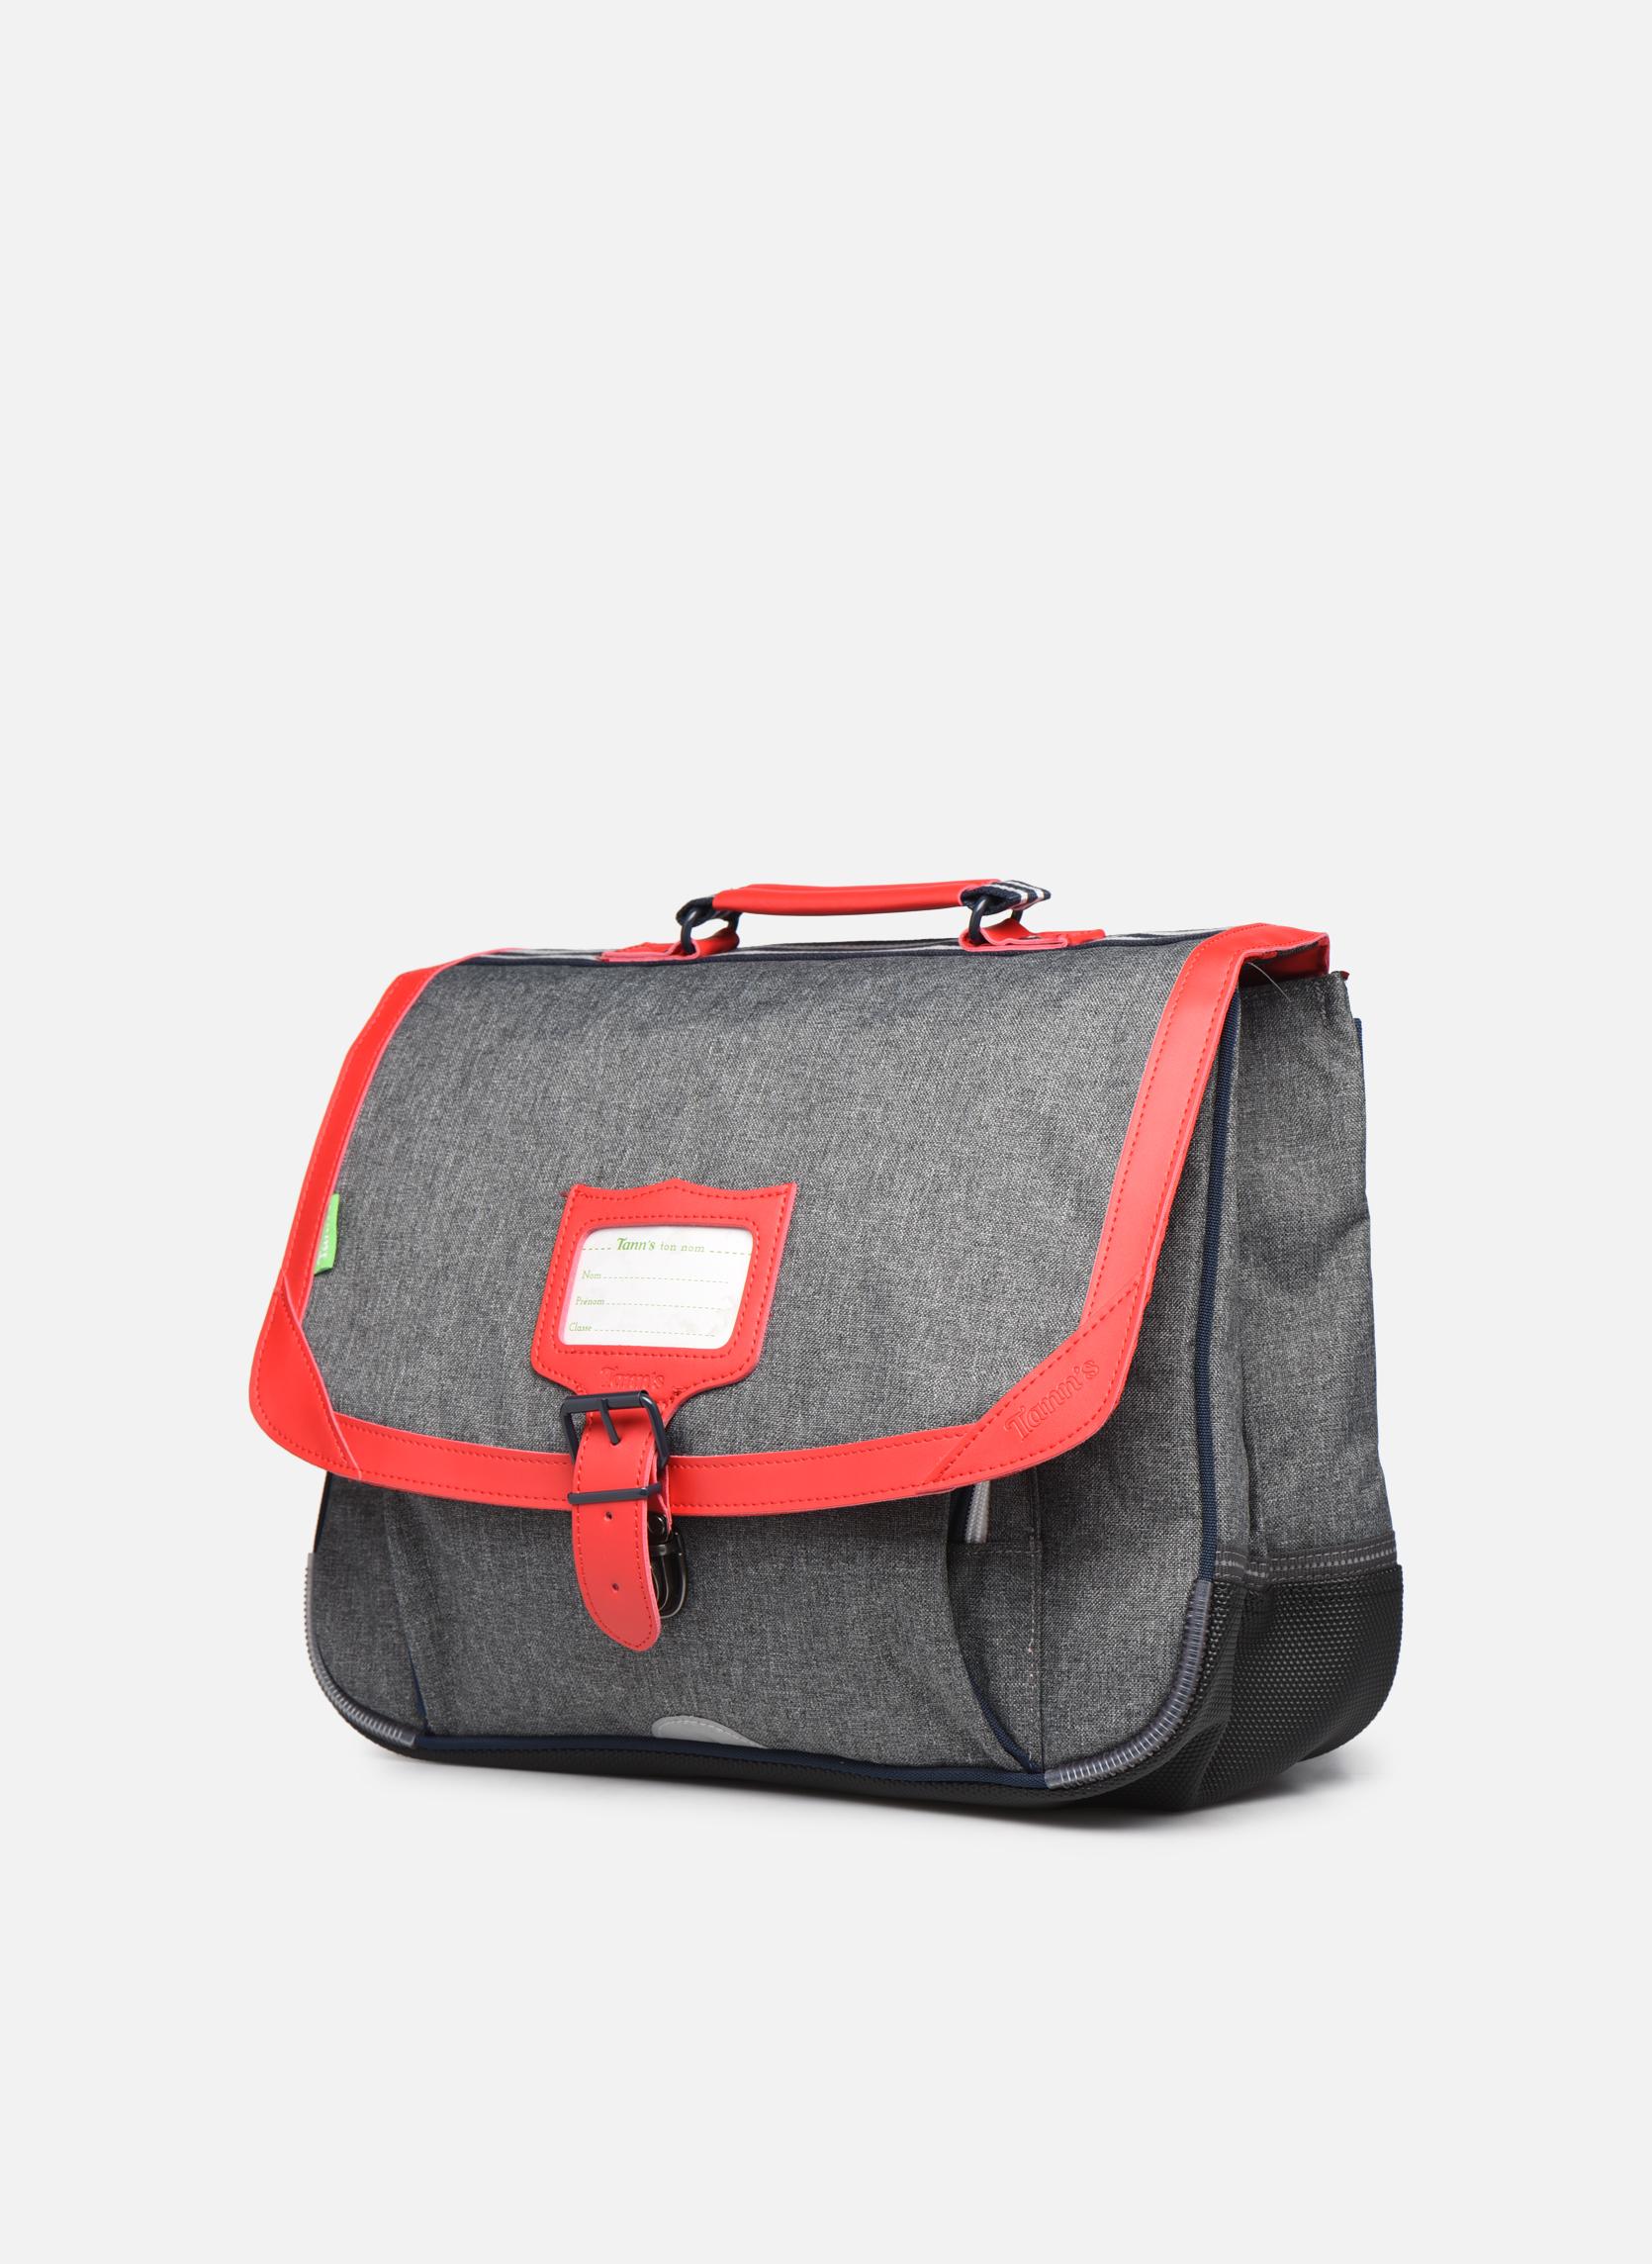 Cartable 38cm CLASSIC Gris chiné/rouge